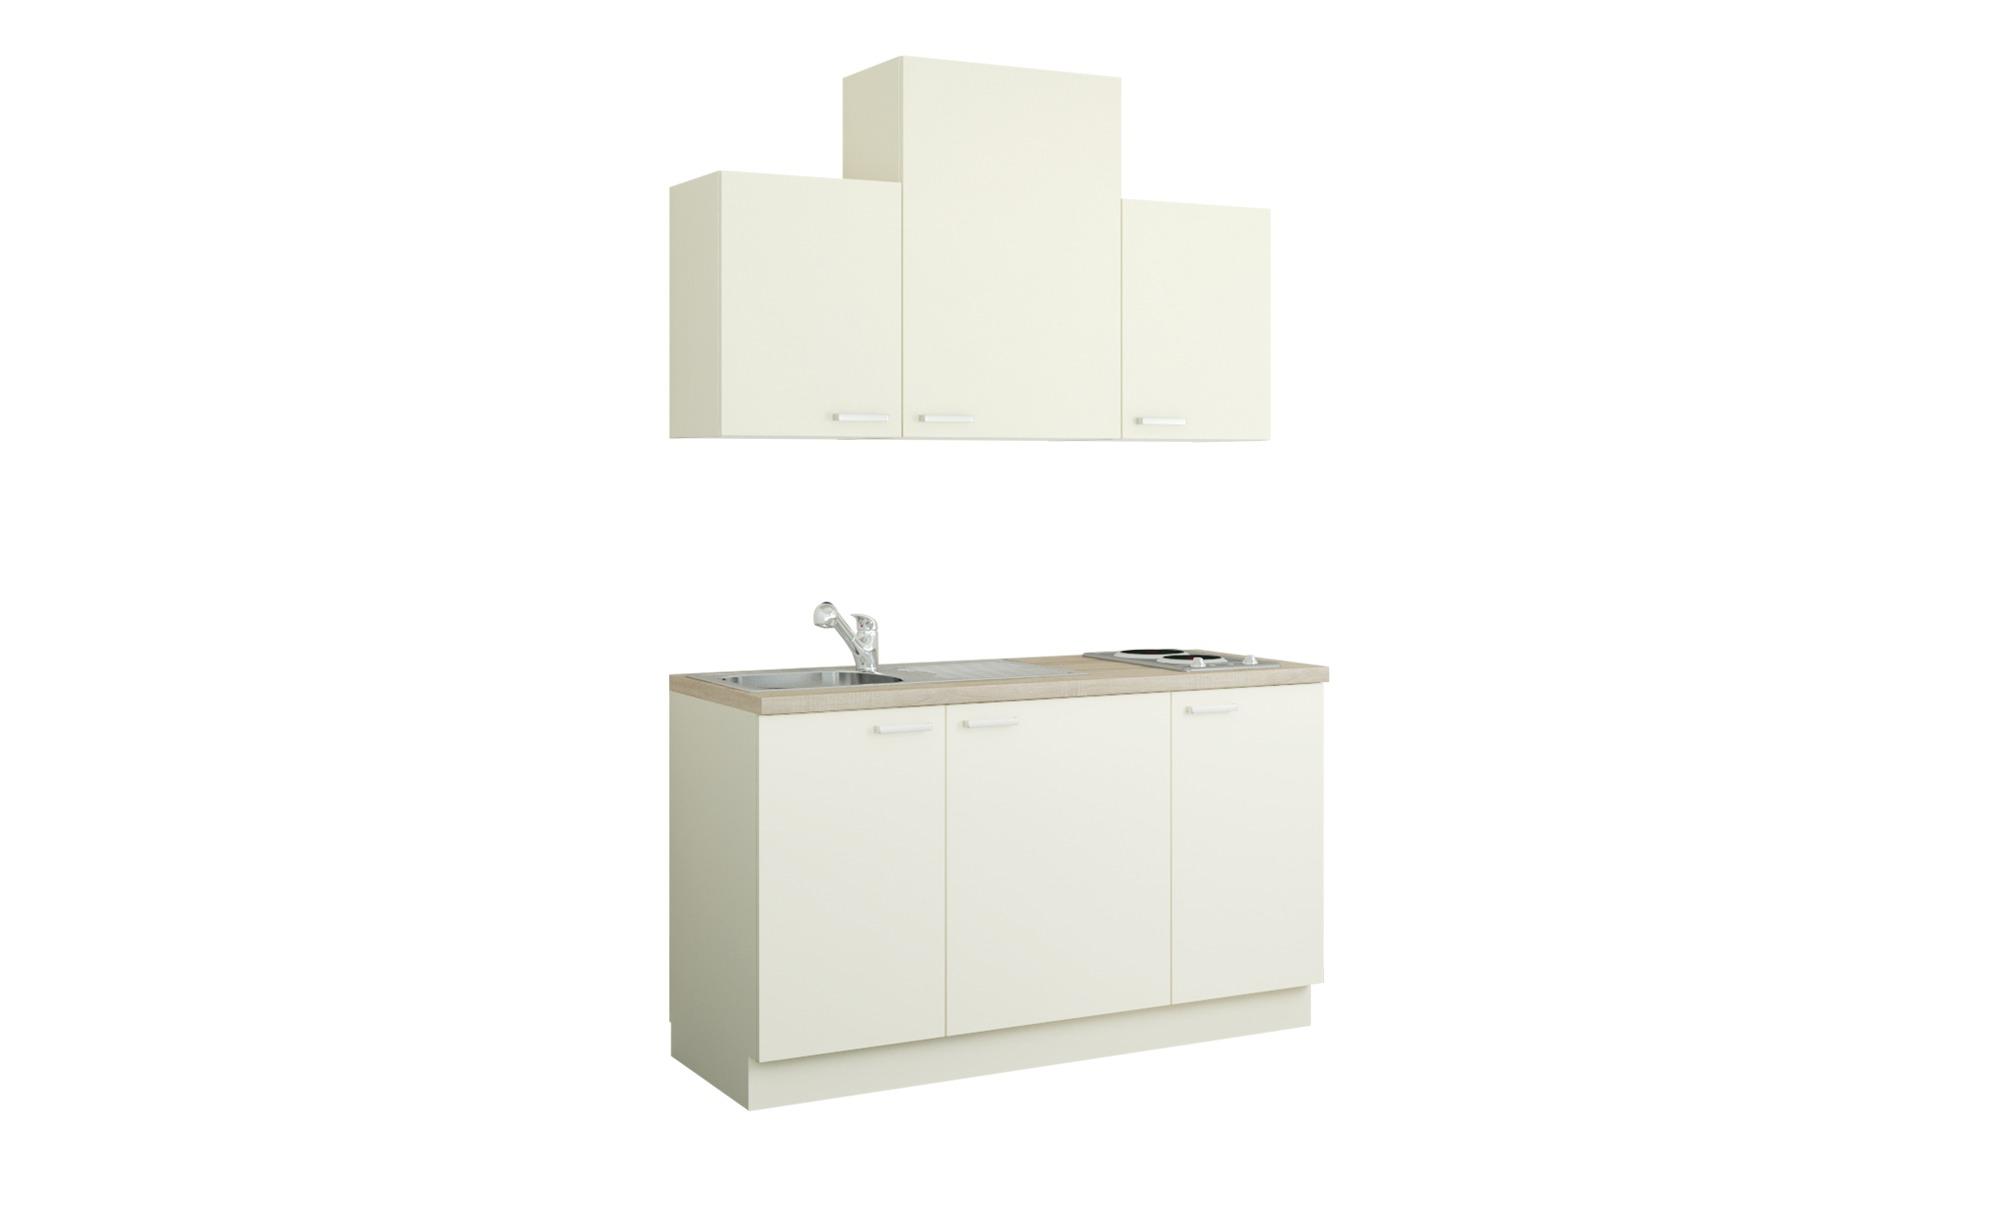 Küchenzeile mit Elektrogeräten  Aue ¦ creme ¦ Maße (cm): B: 150 Küchen > Küchenblöcke mit E-Geräten - Höffner